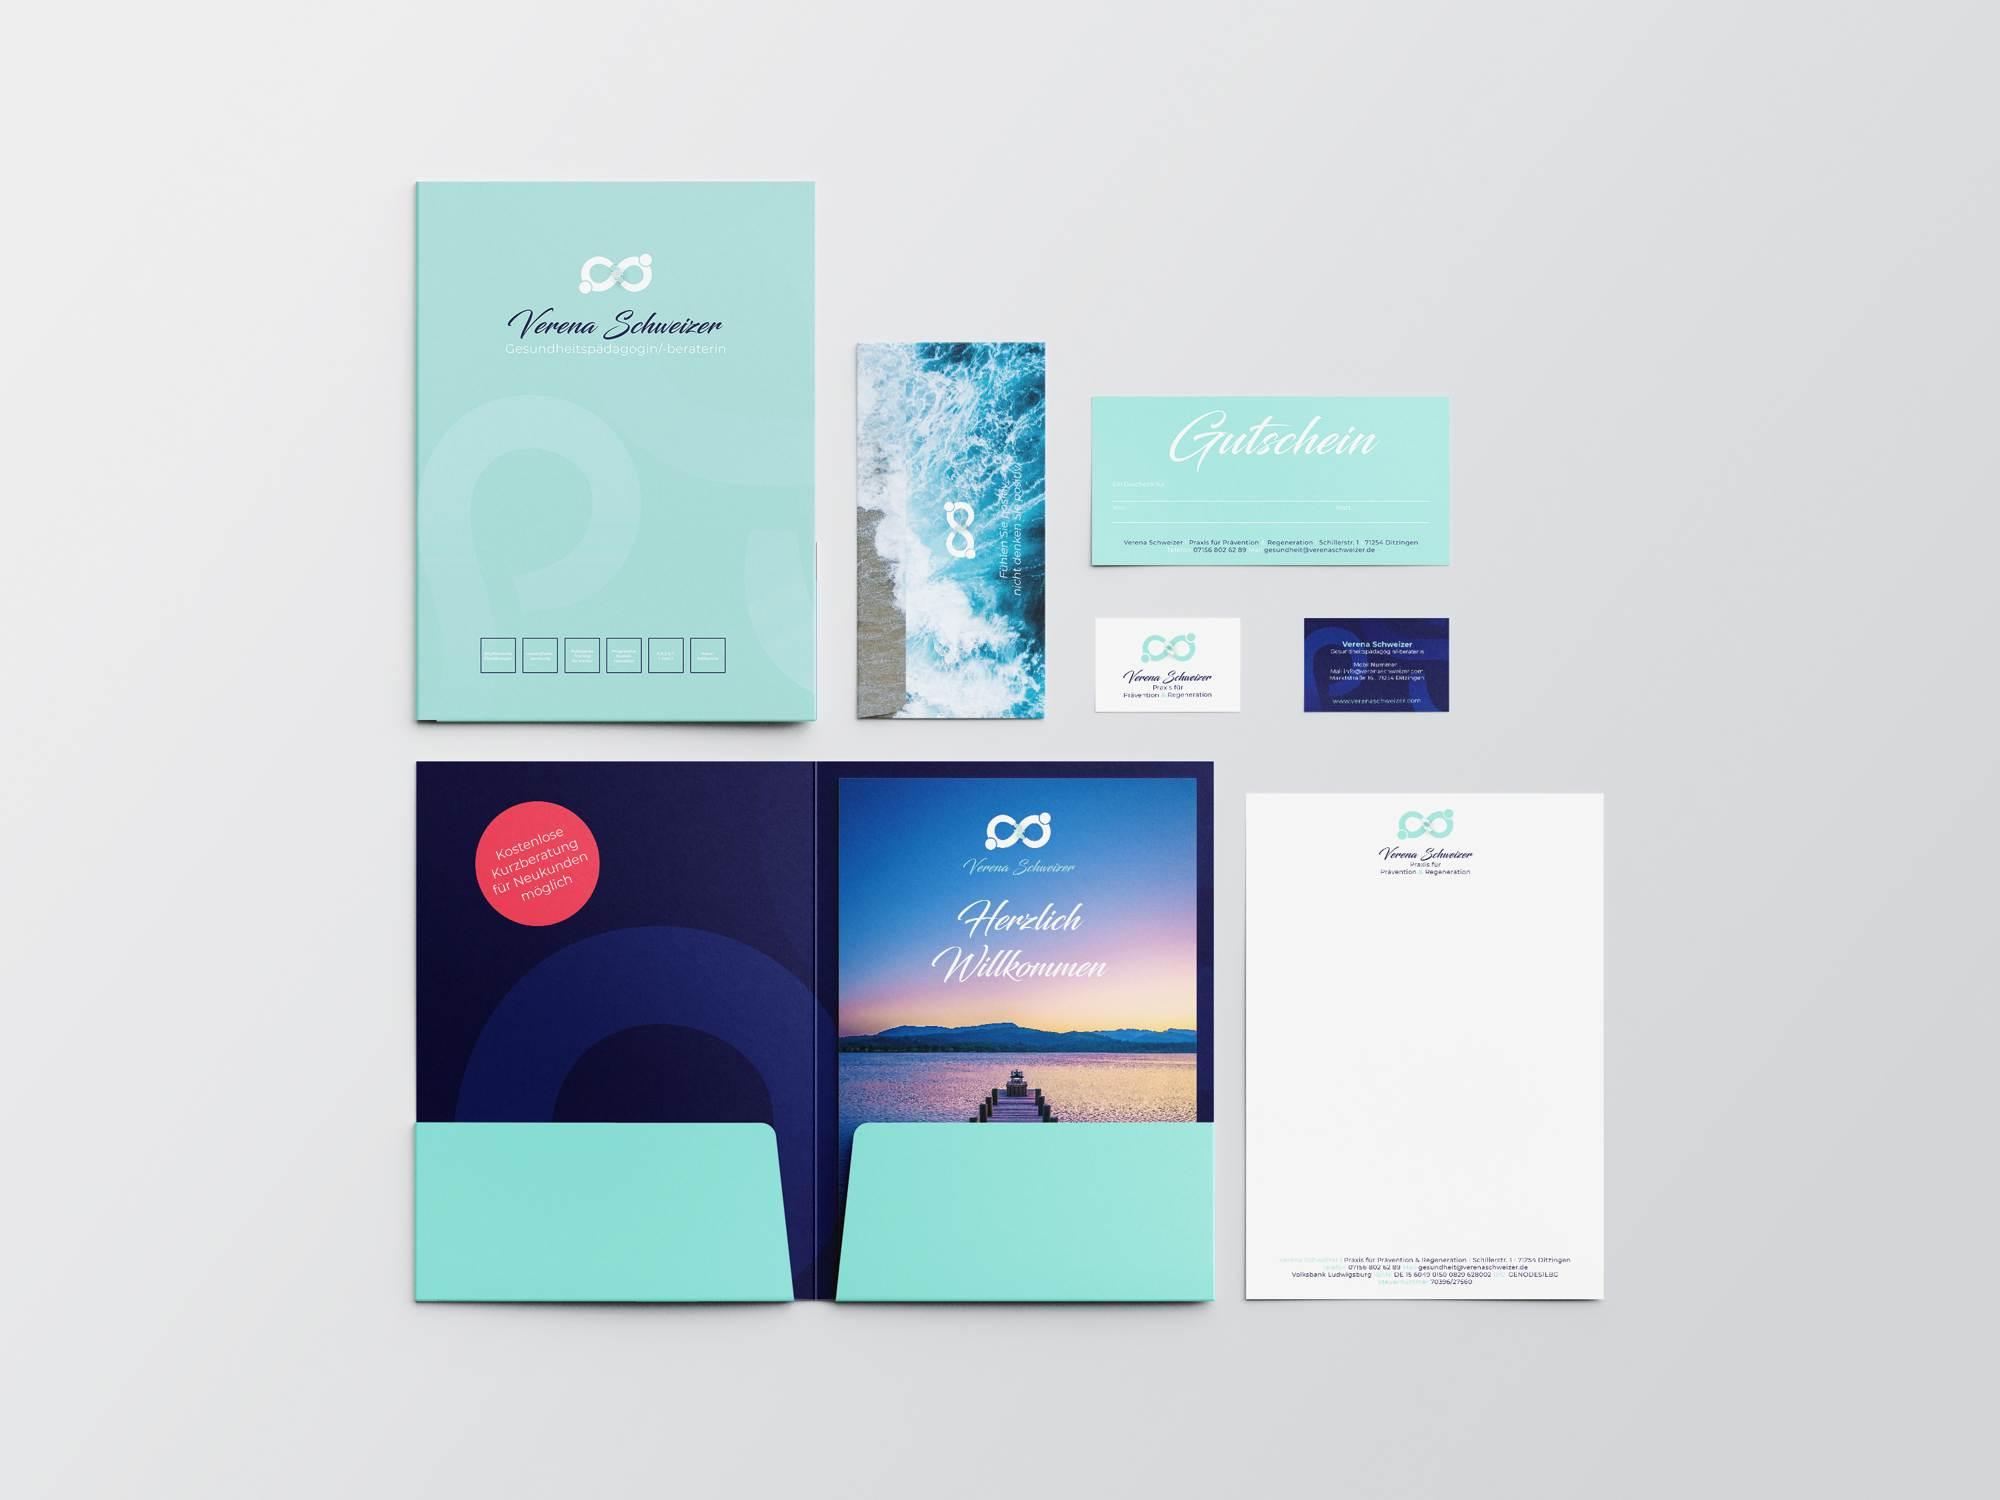 Freiland-Design_Verena_Schweizer_01